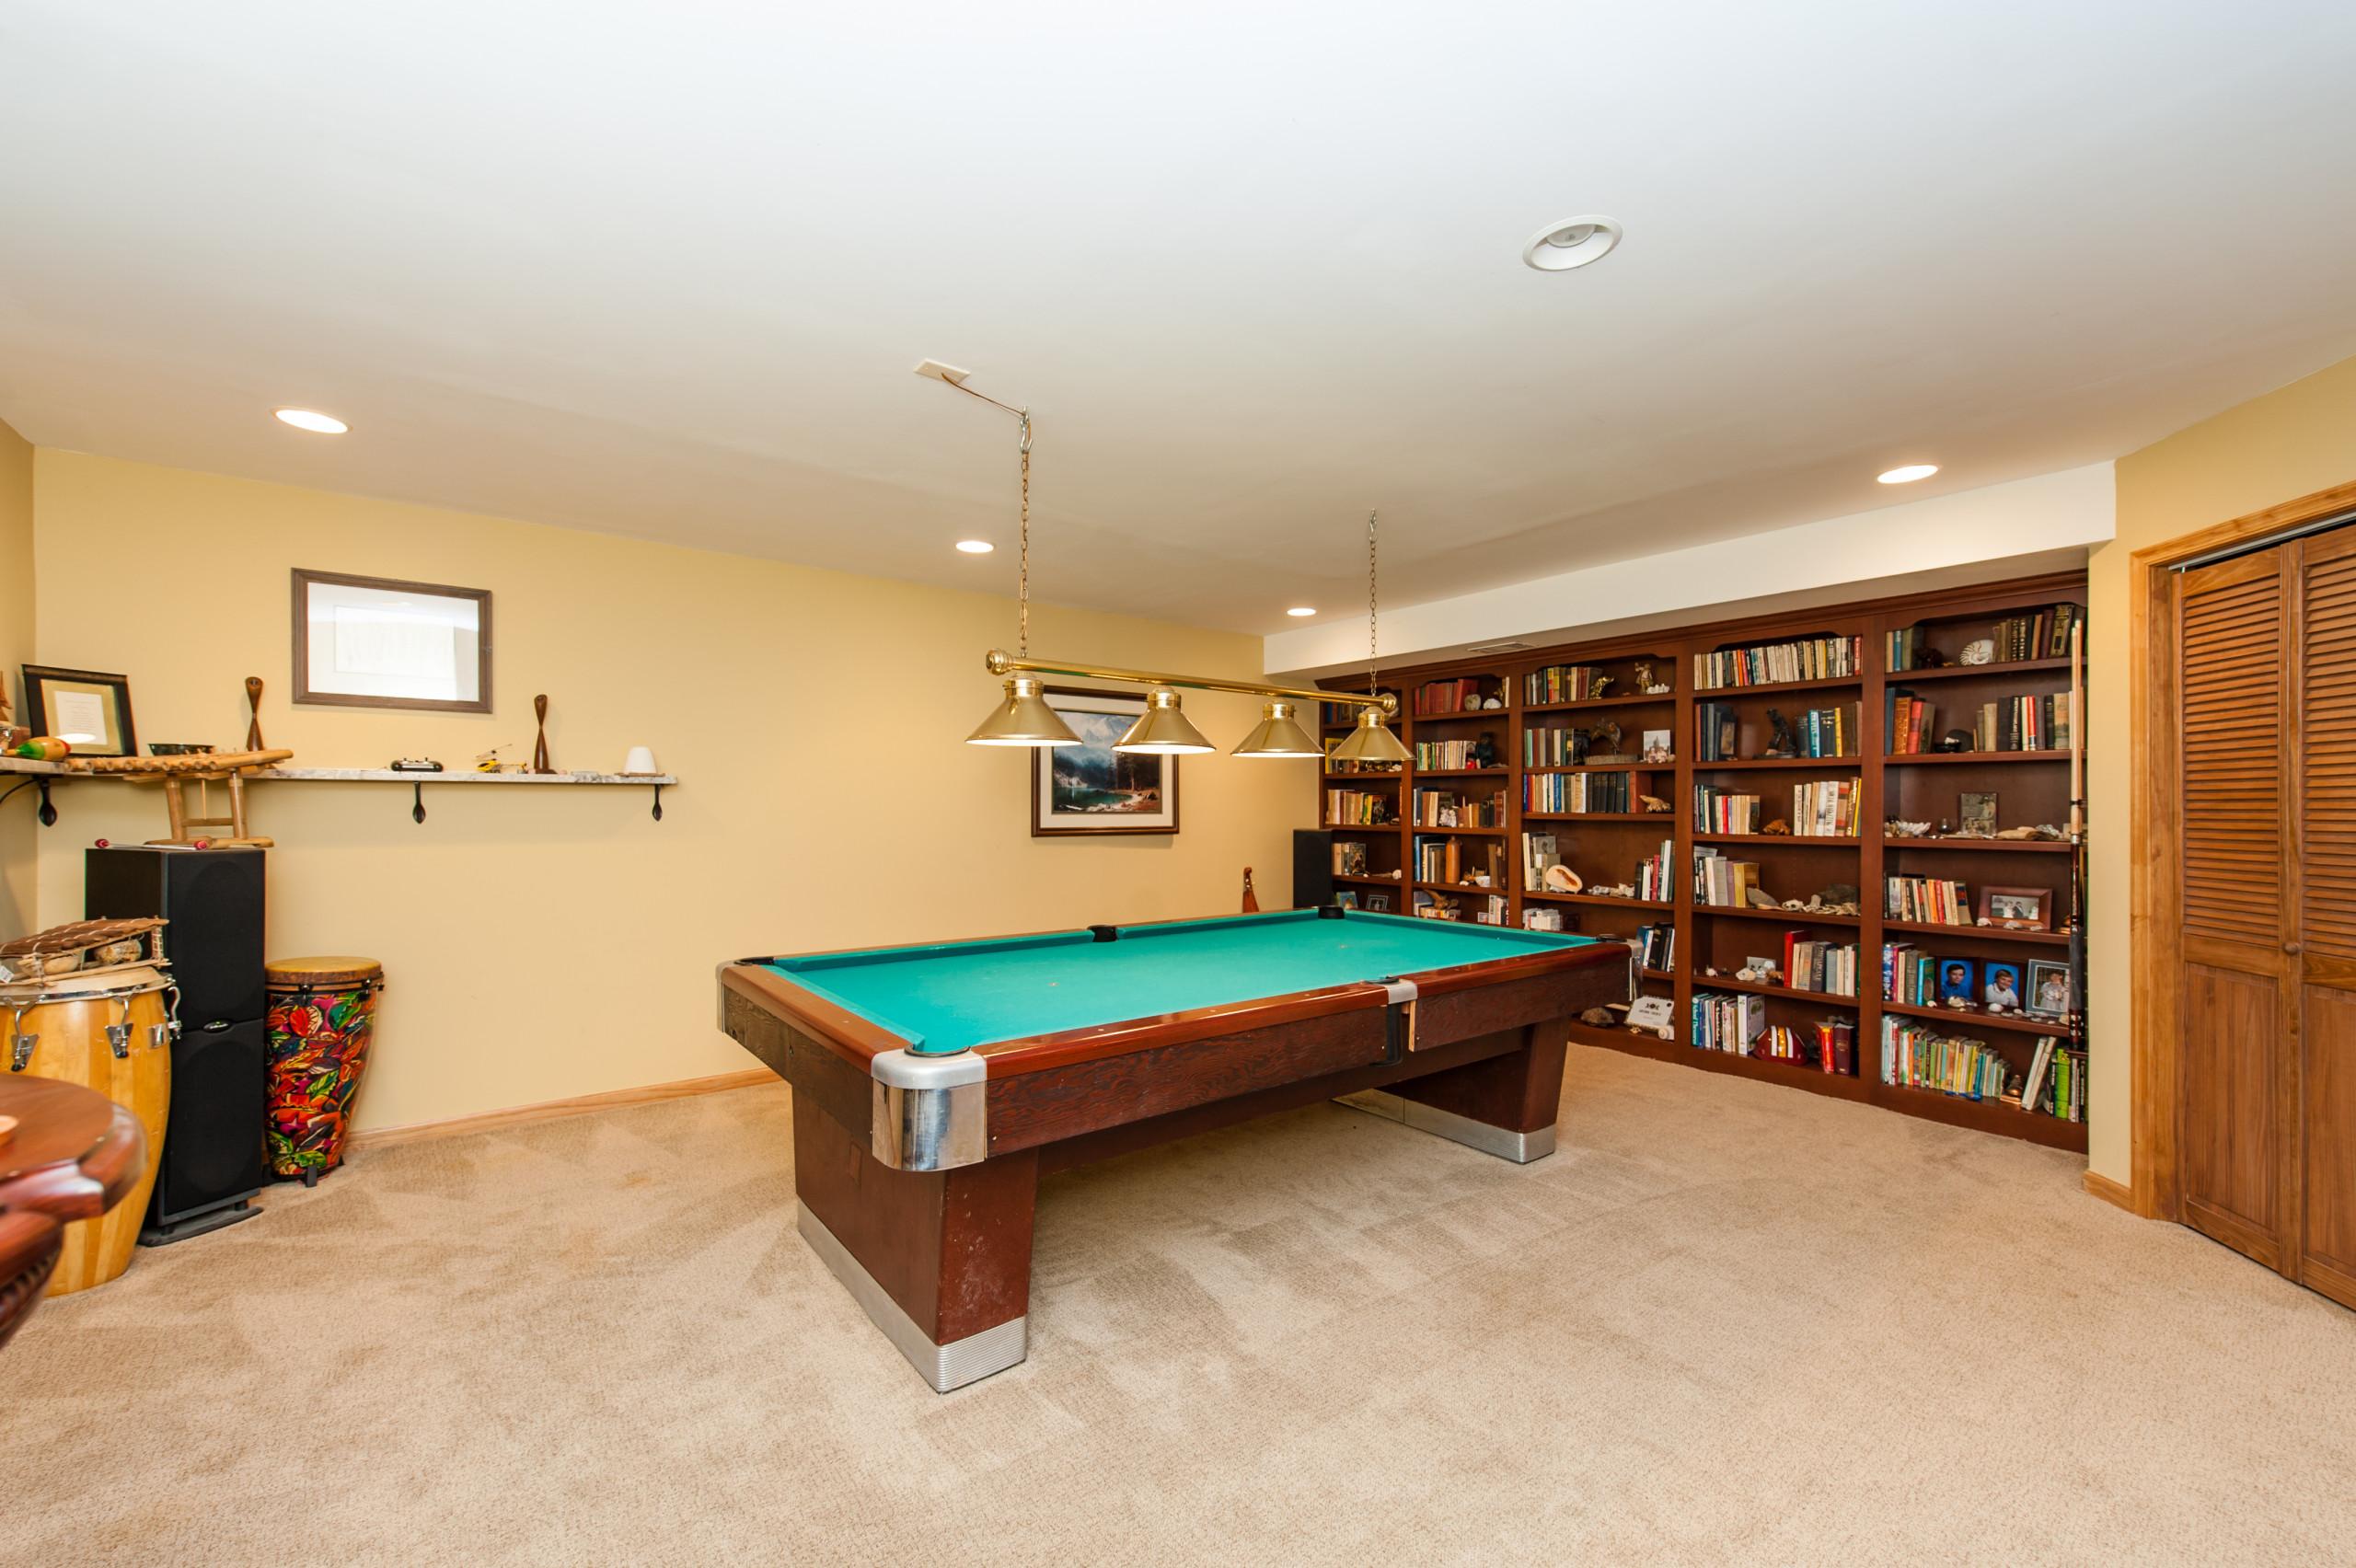 Linden, VA Pool Room Built-In Shelves